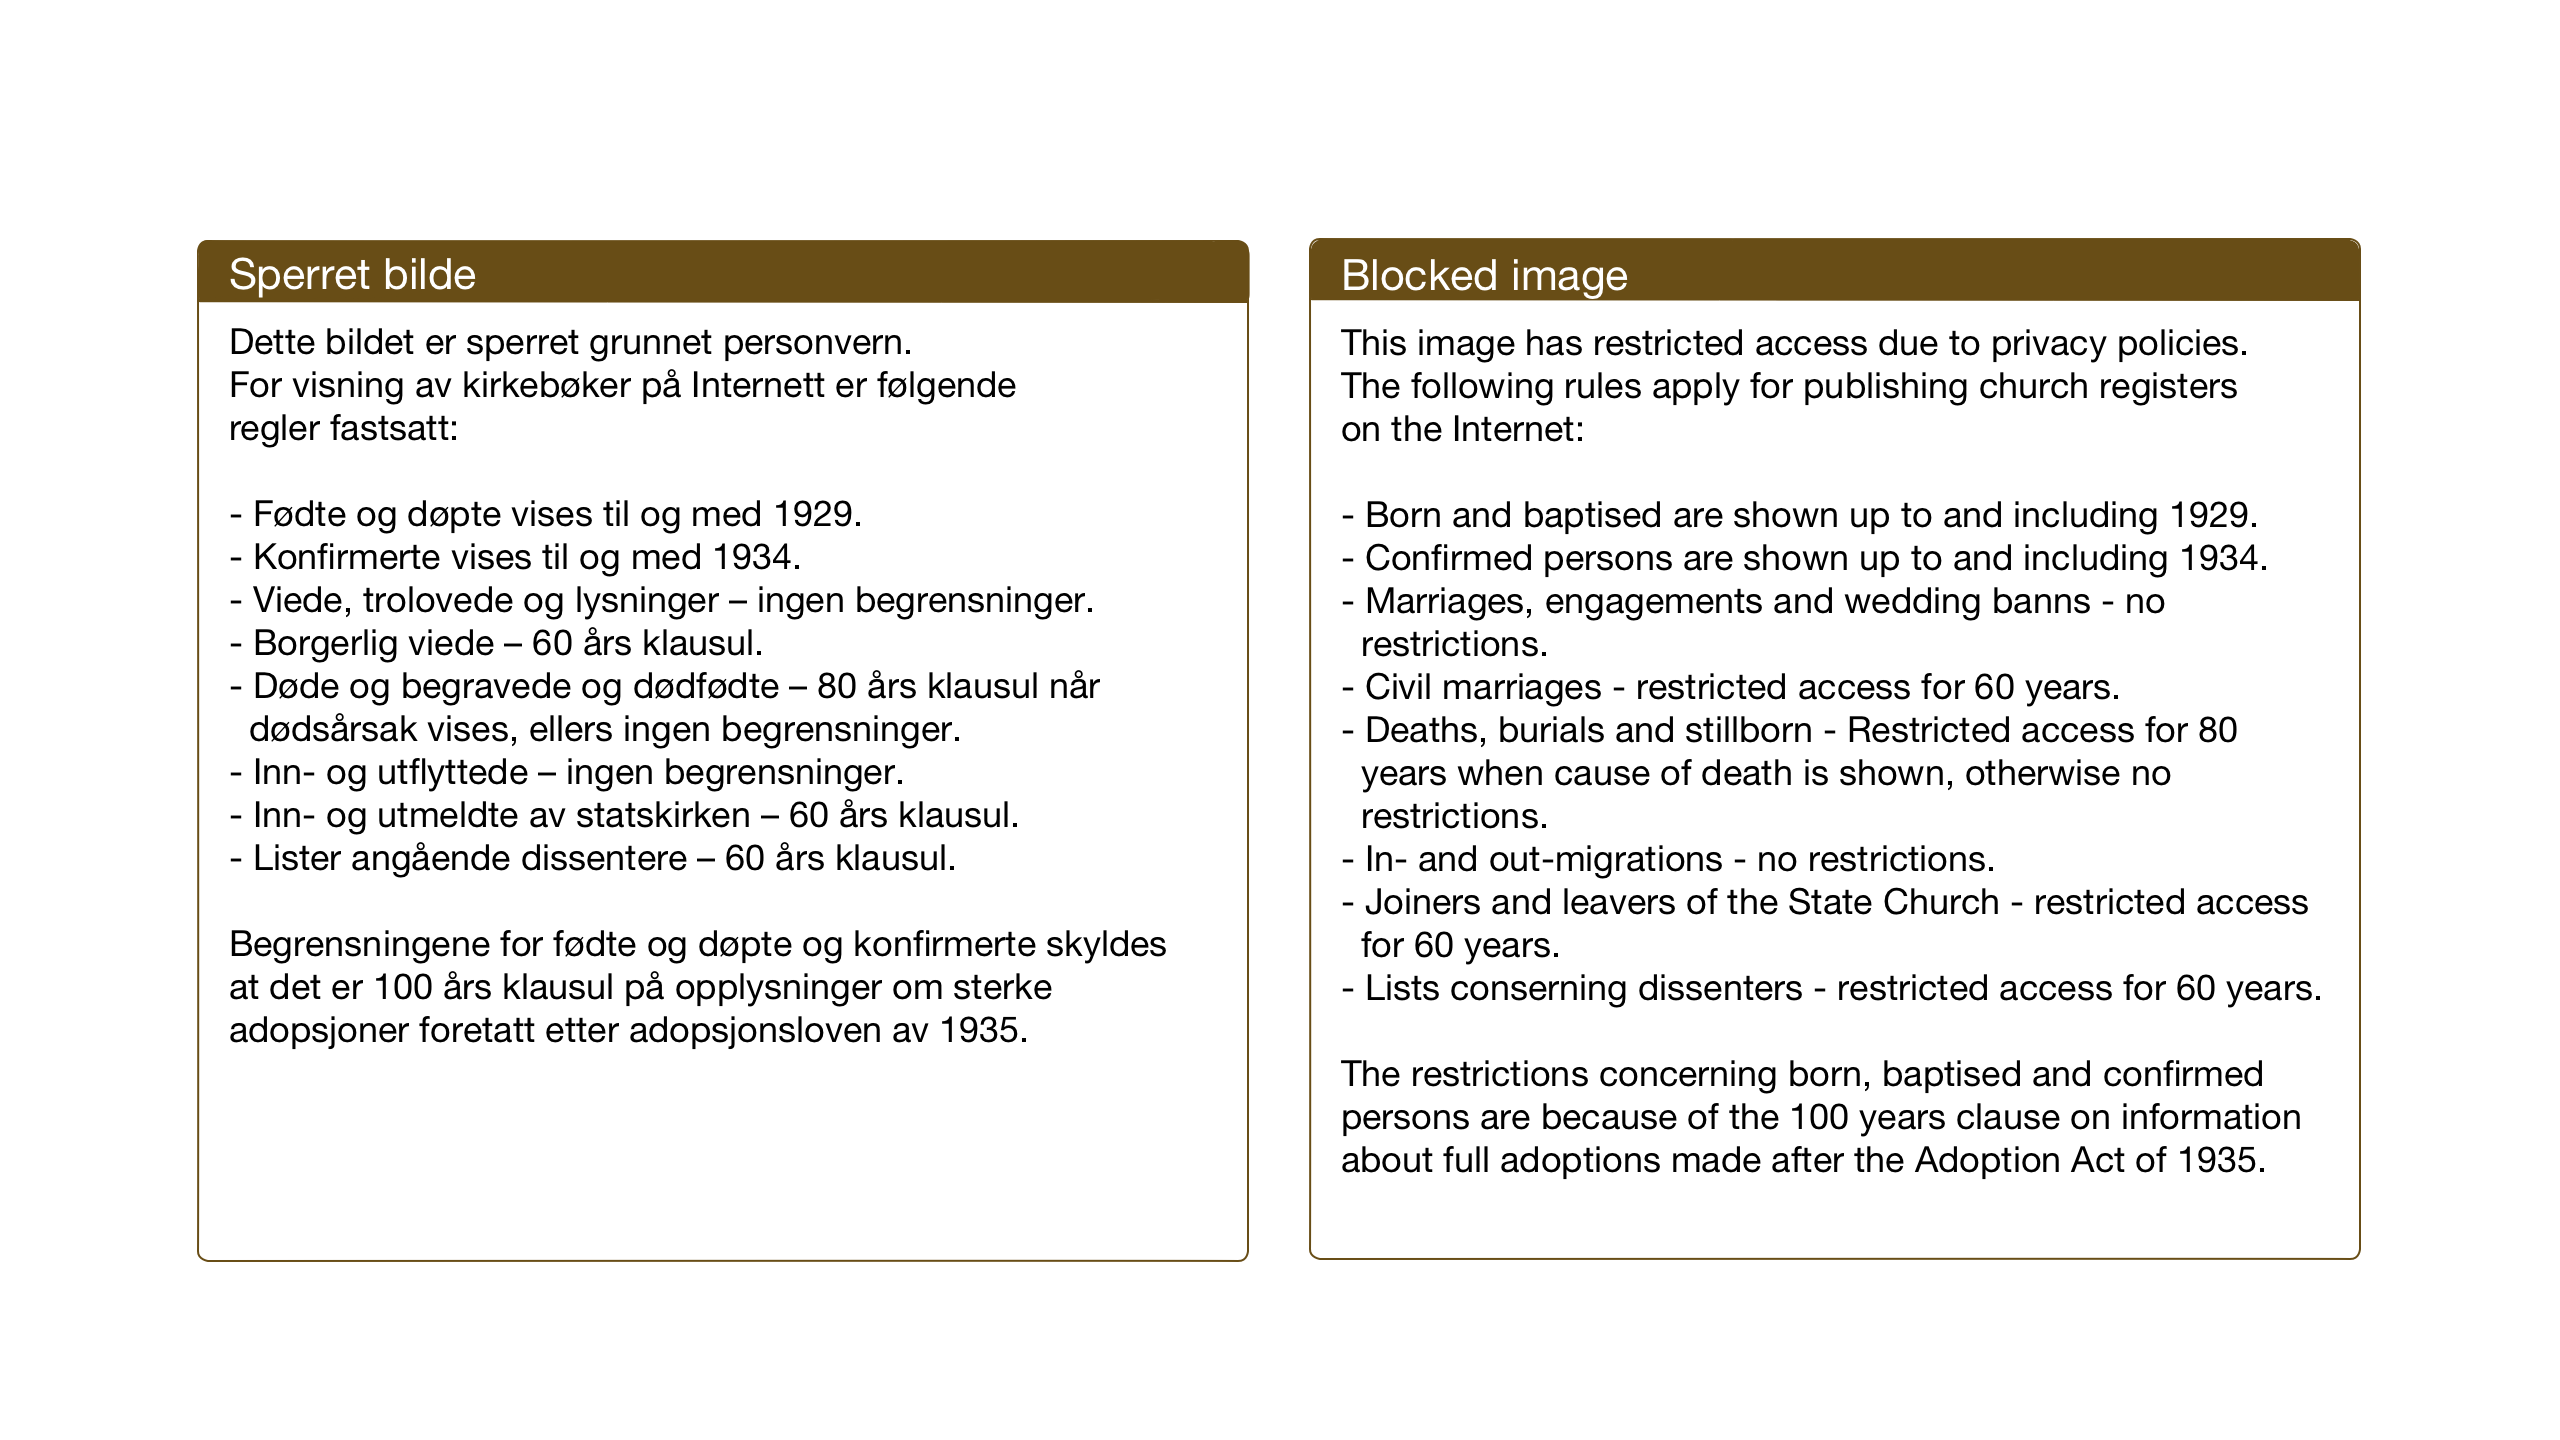 SAT, Ministerialprotokoller, klokkerbøker og fødselsregistre - Sør-Trøndelag, 638/L0569: Klokkerbok nr. 638C01, 1923-1961, s. 126